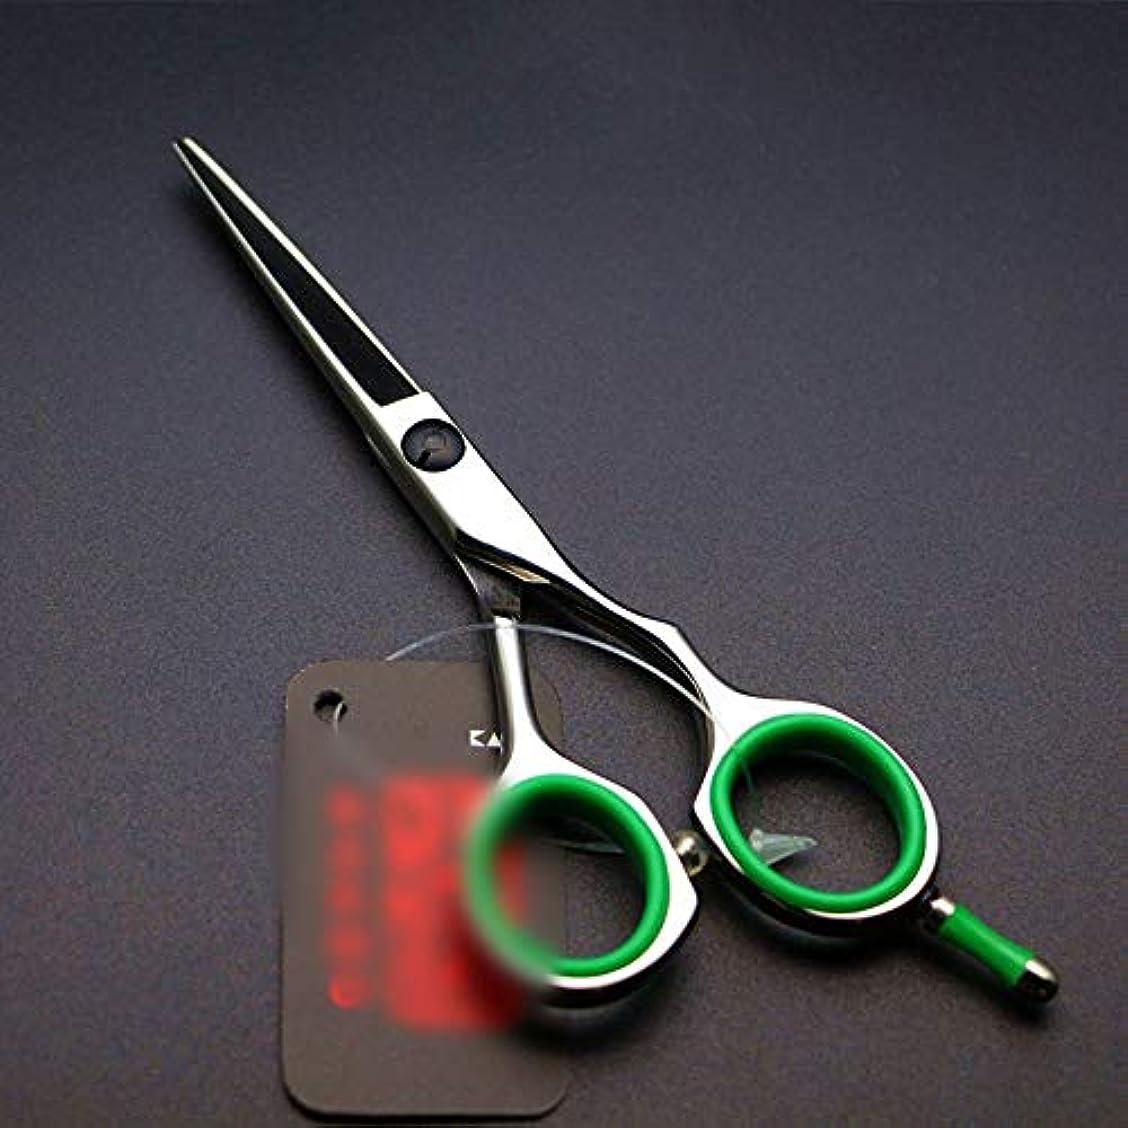 雨スタウトレジデンスWASAIO 小さなはさみ理髪真の髪間伐間伐歯のはさみプロの理容テクスチャーサロンレイザーエッジシザー5インチ (色 : オレンジ)